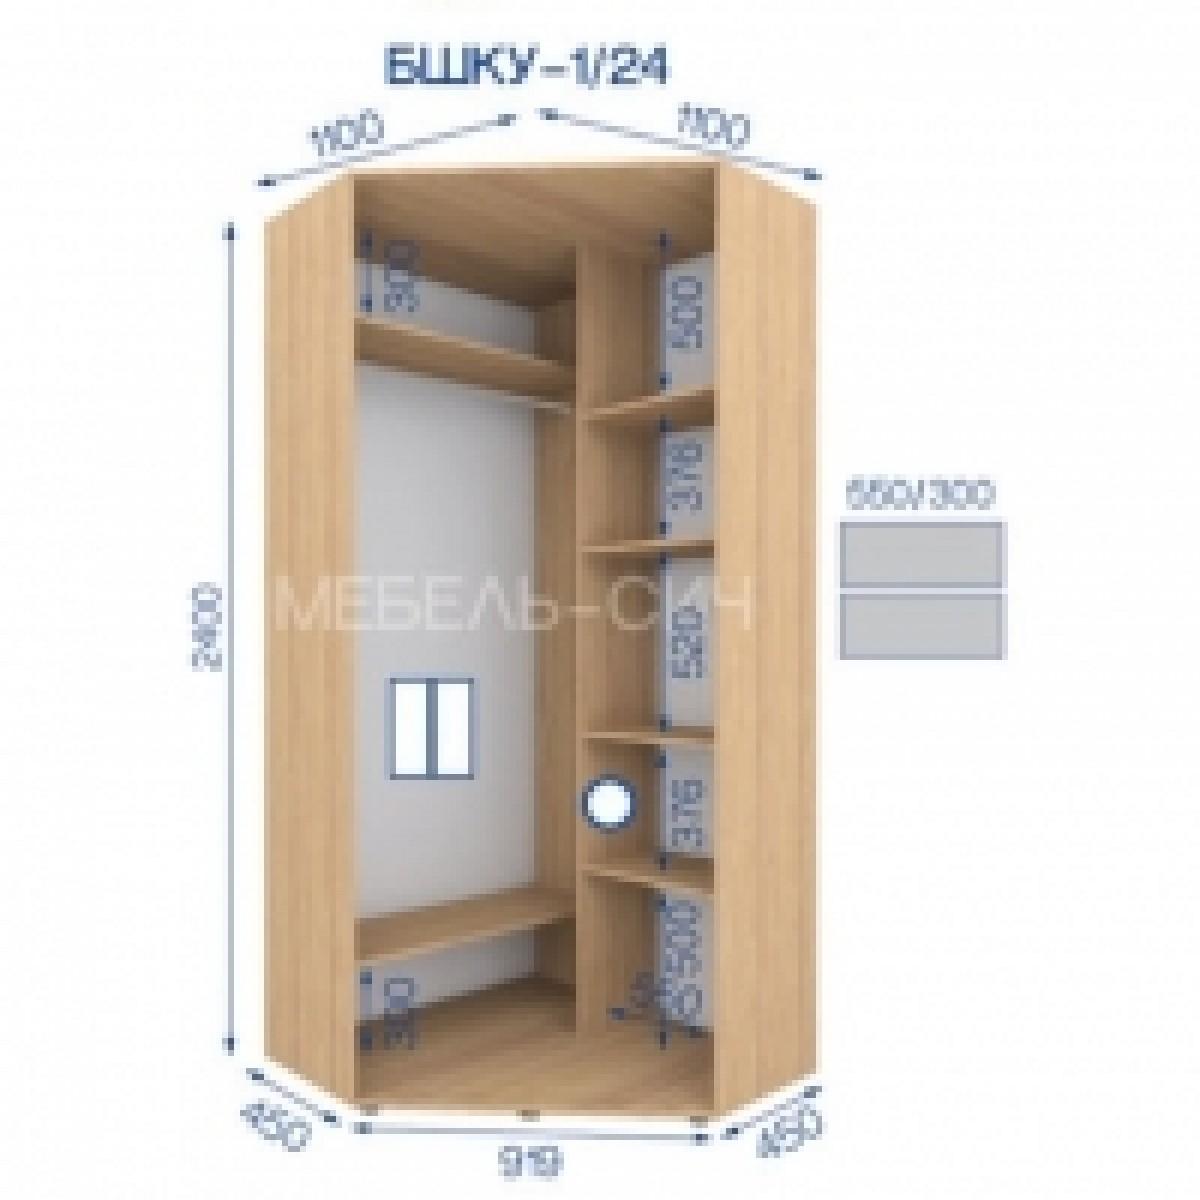 Шкаф - купе угловой, мебель-сич, пшку 1/24 (1104х450х2424) -.